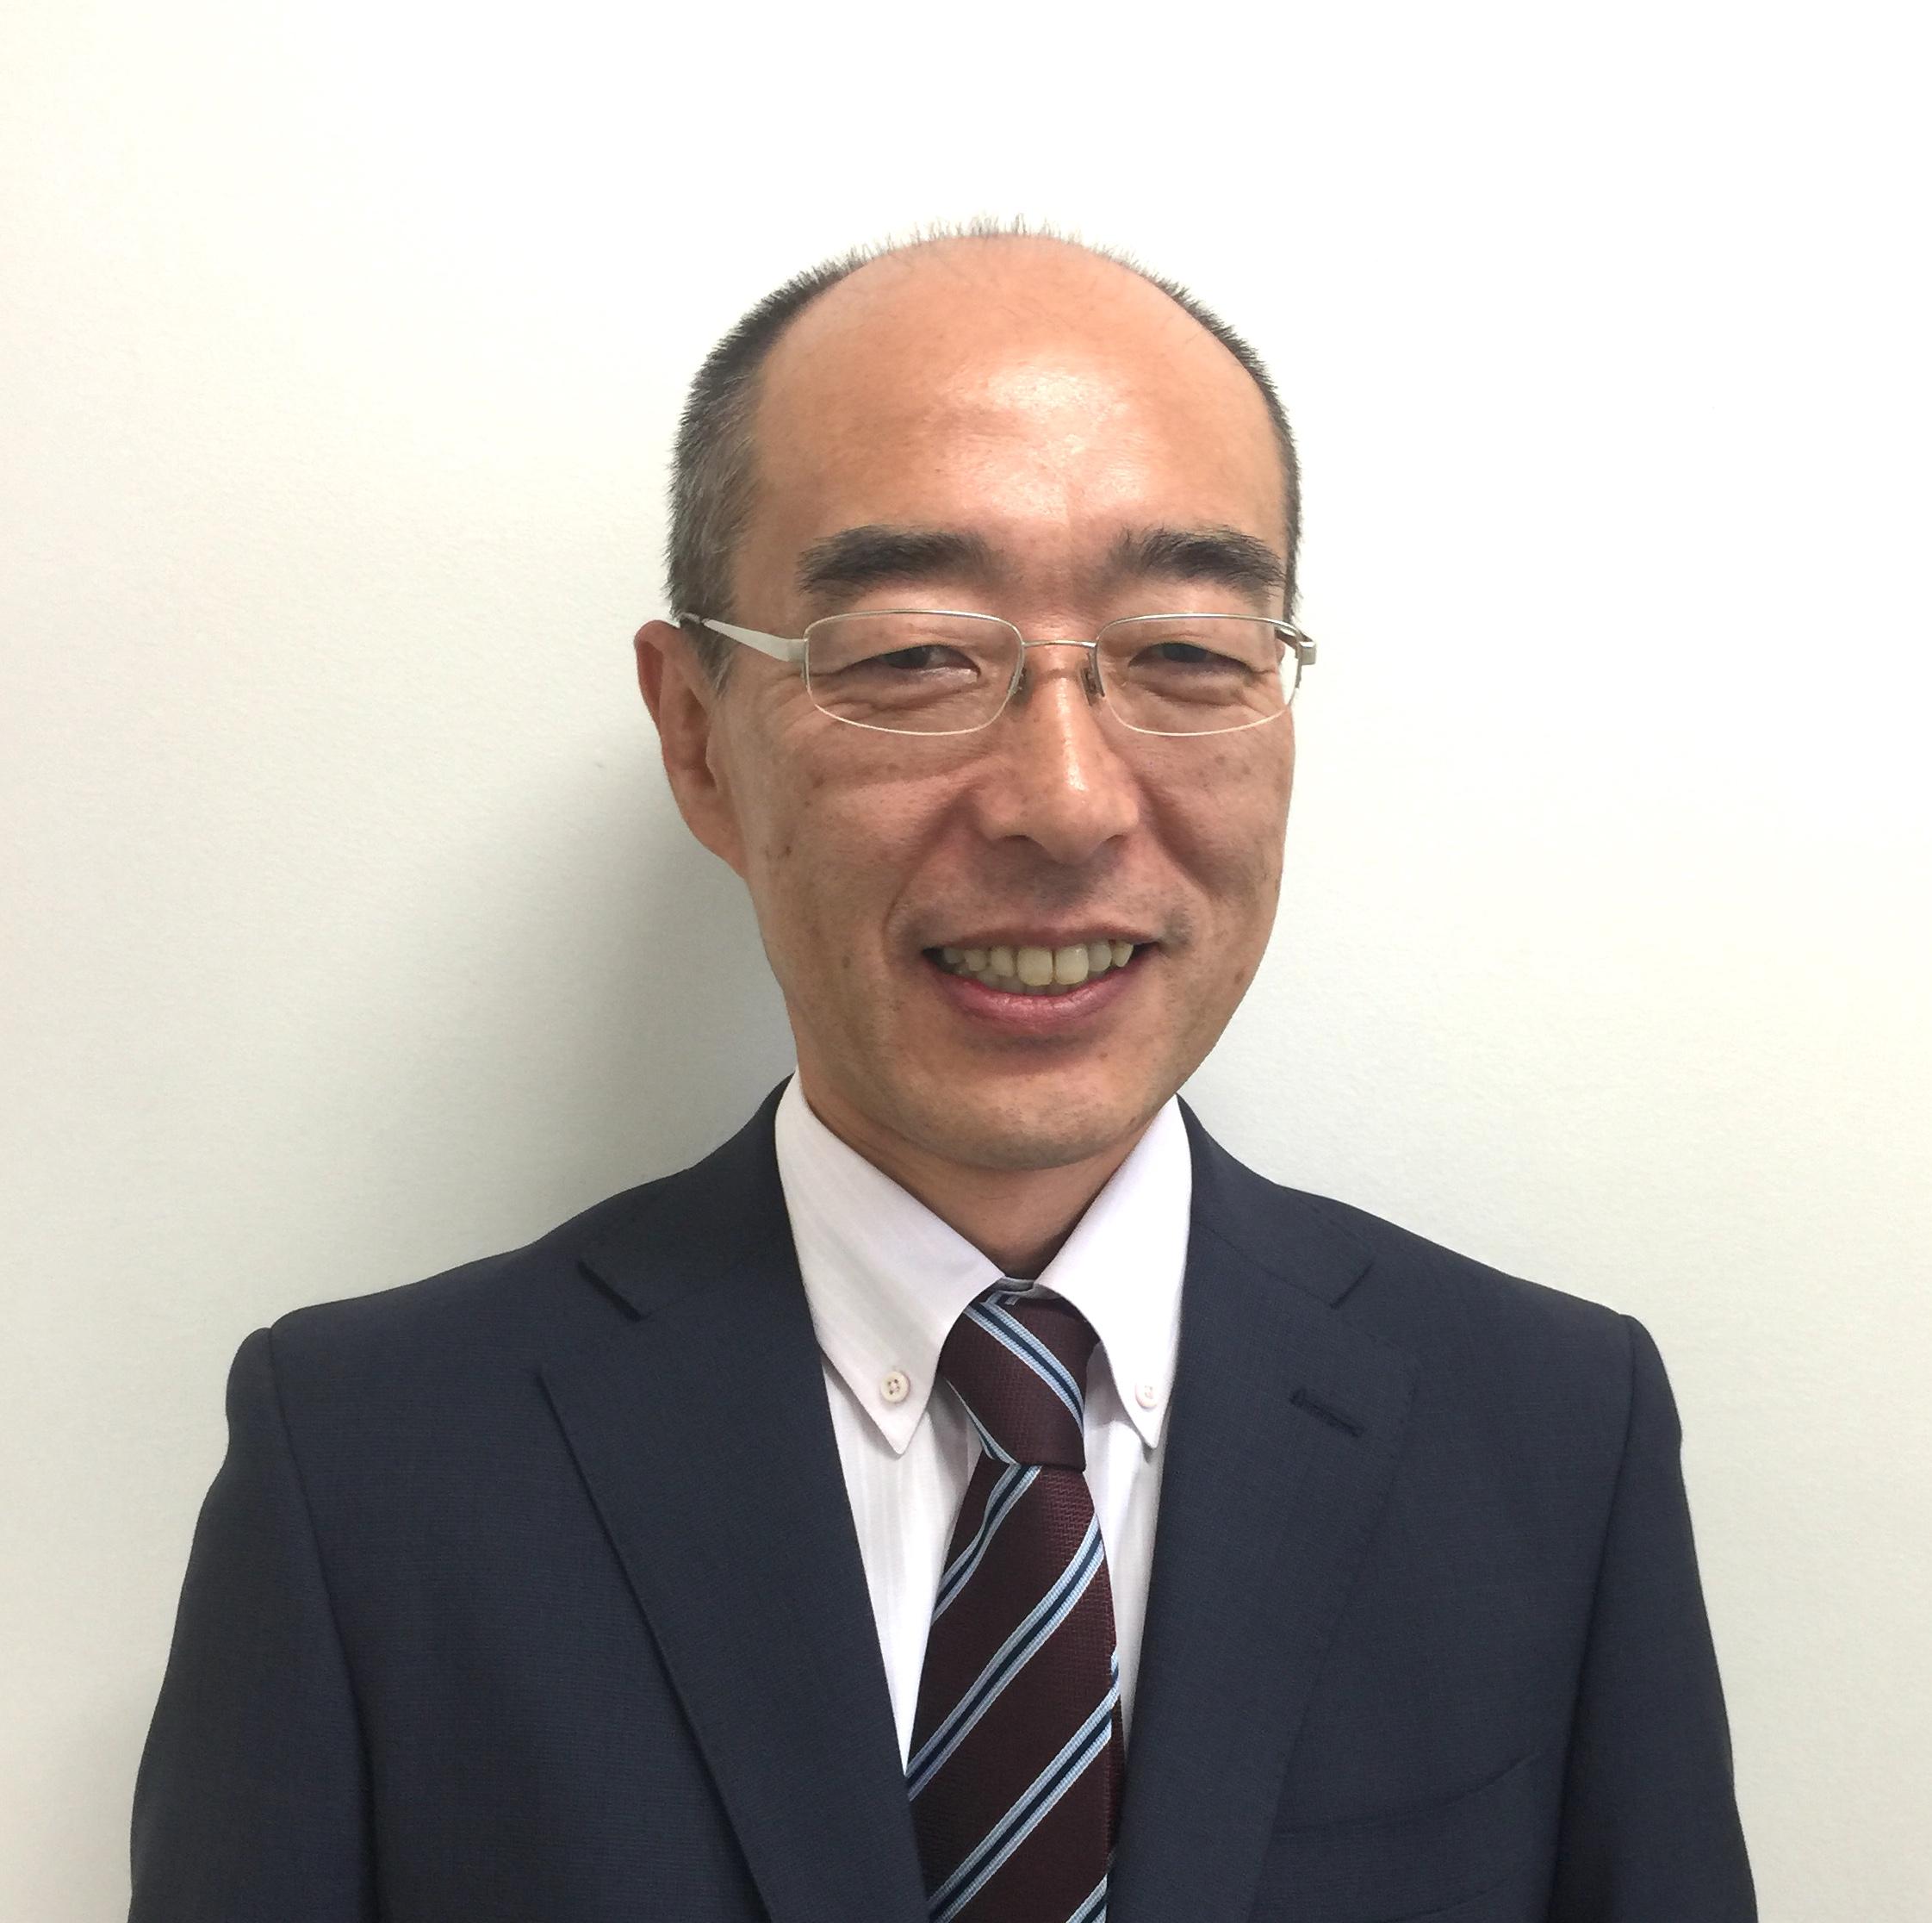 アイ・トライ合同会社 代表 土田 敬之(つちだ たかゆき)様